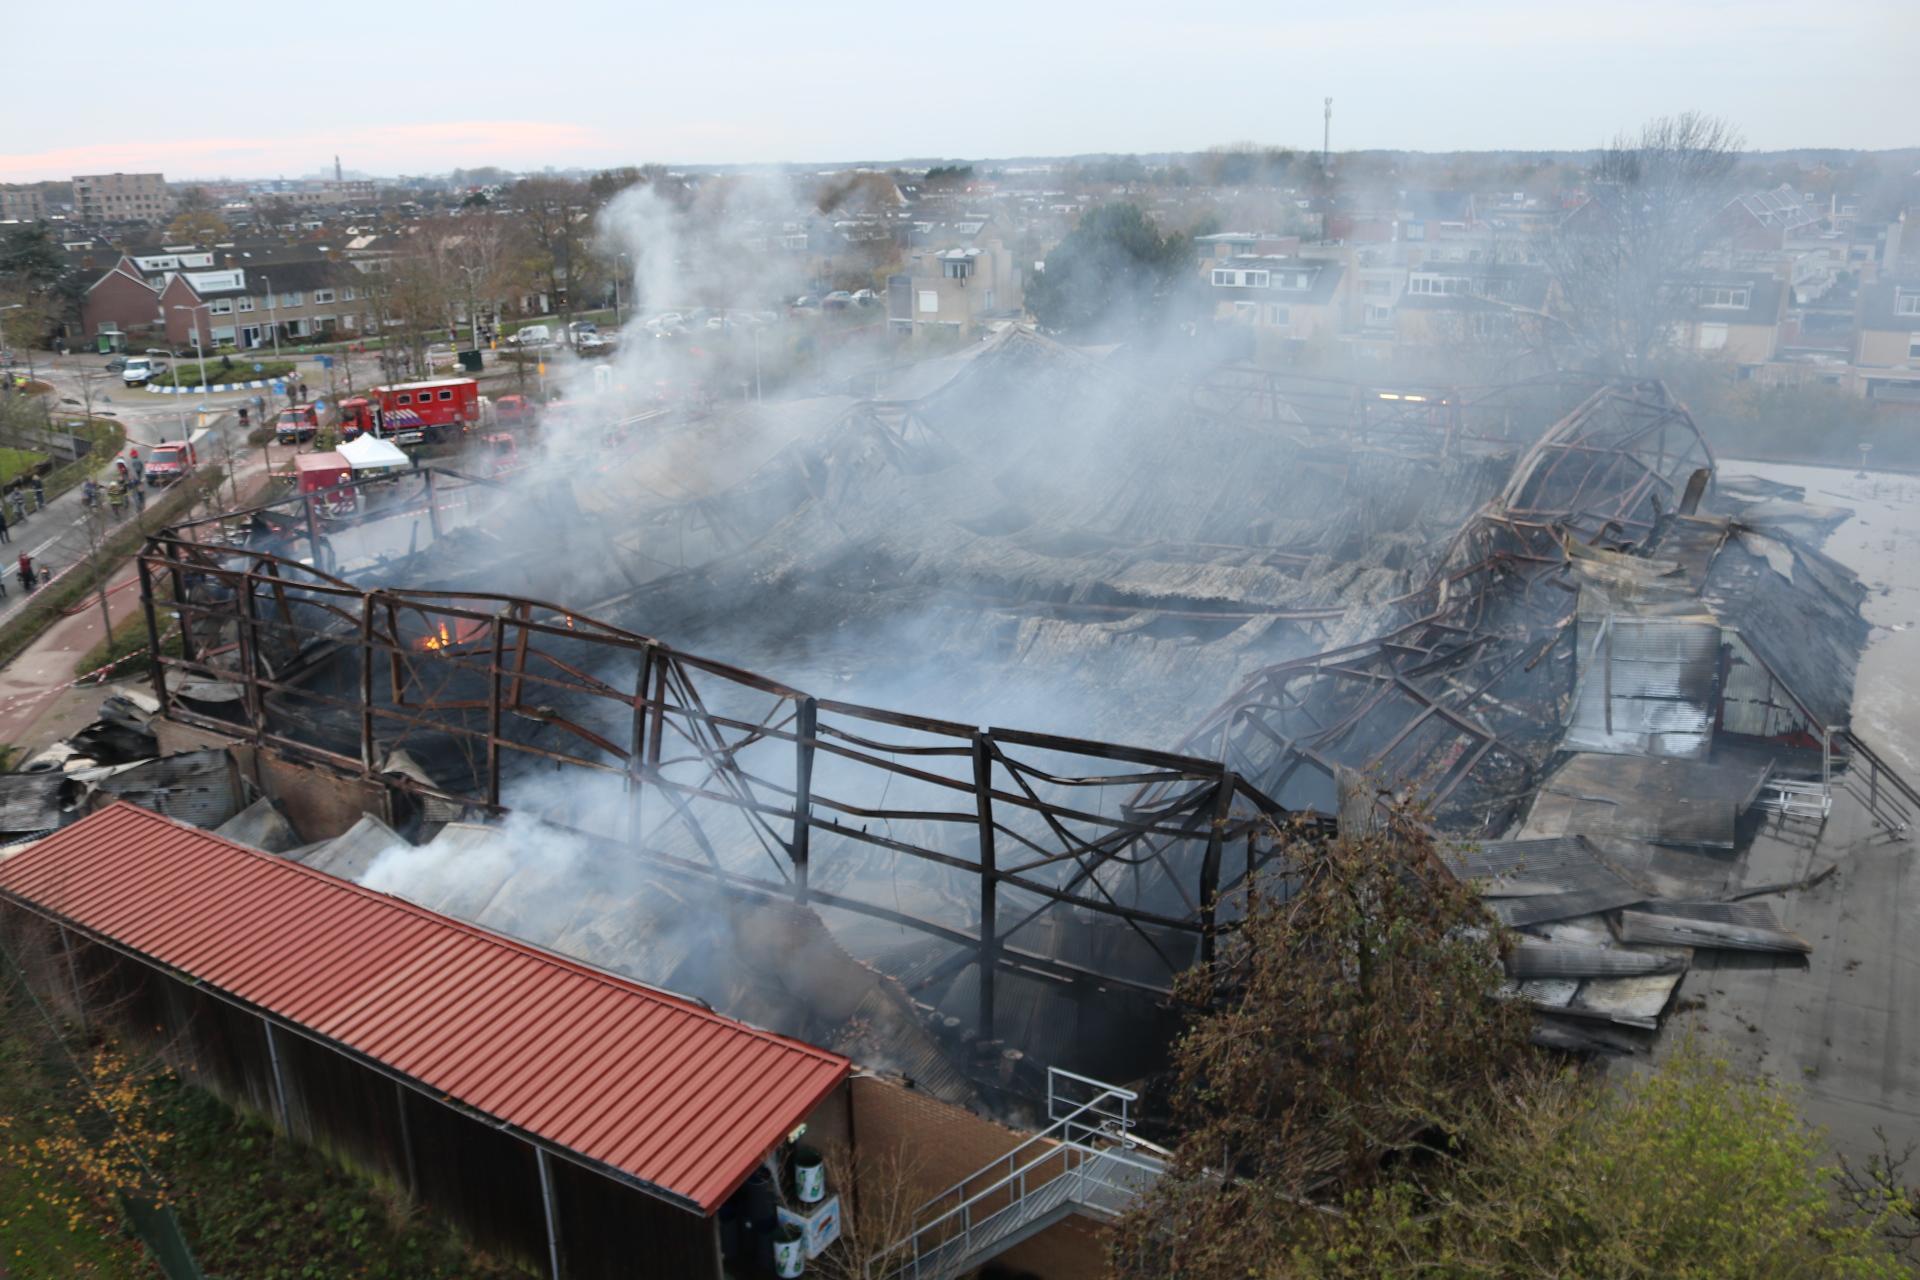 Brandweer blust laatste vlammen na brand in totaal verwoest sport- en recreatiecentrum in Noordwijkerhout [video]